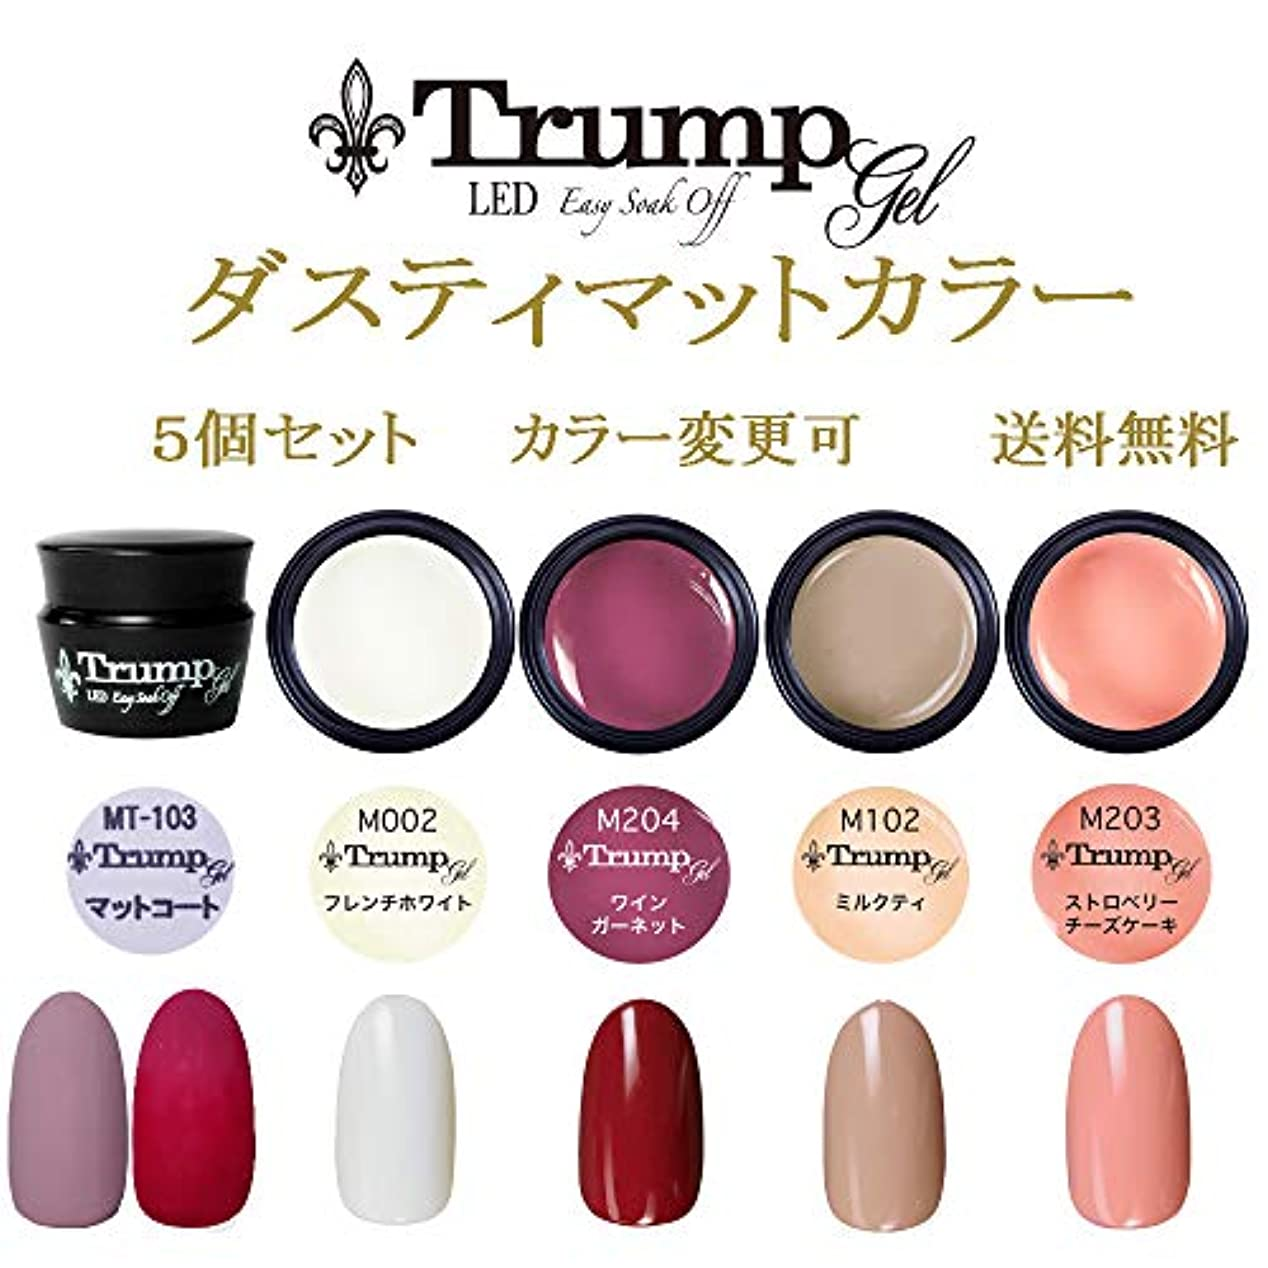 ページ実行する留め金【送料無料】日本製 Trump gel トランプジェル ダスティマット カラージェル 5個セット 魅惑のフロストマットトップとマットに合う人気カラーをチョイス